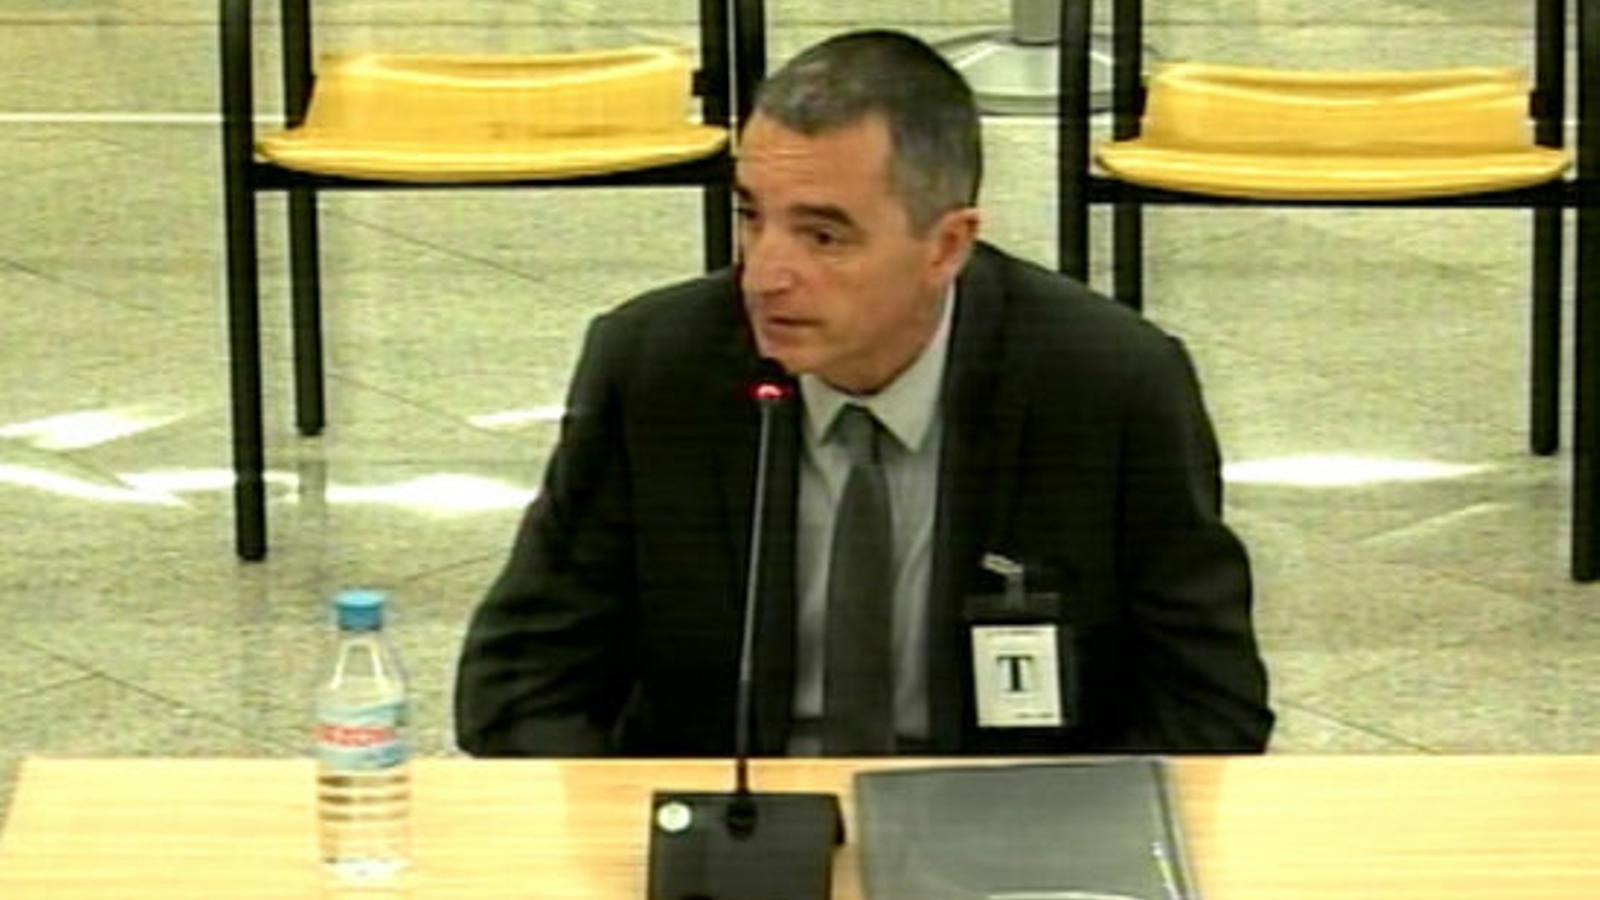 L'excomissari superior de Mossos Joan Carles Molinero, declarant a l'Audiència Nacional